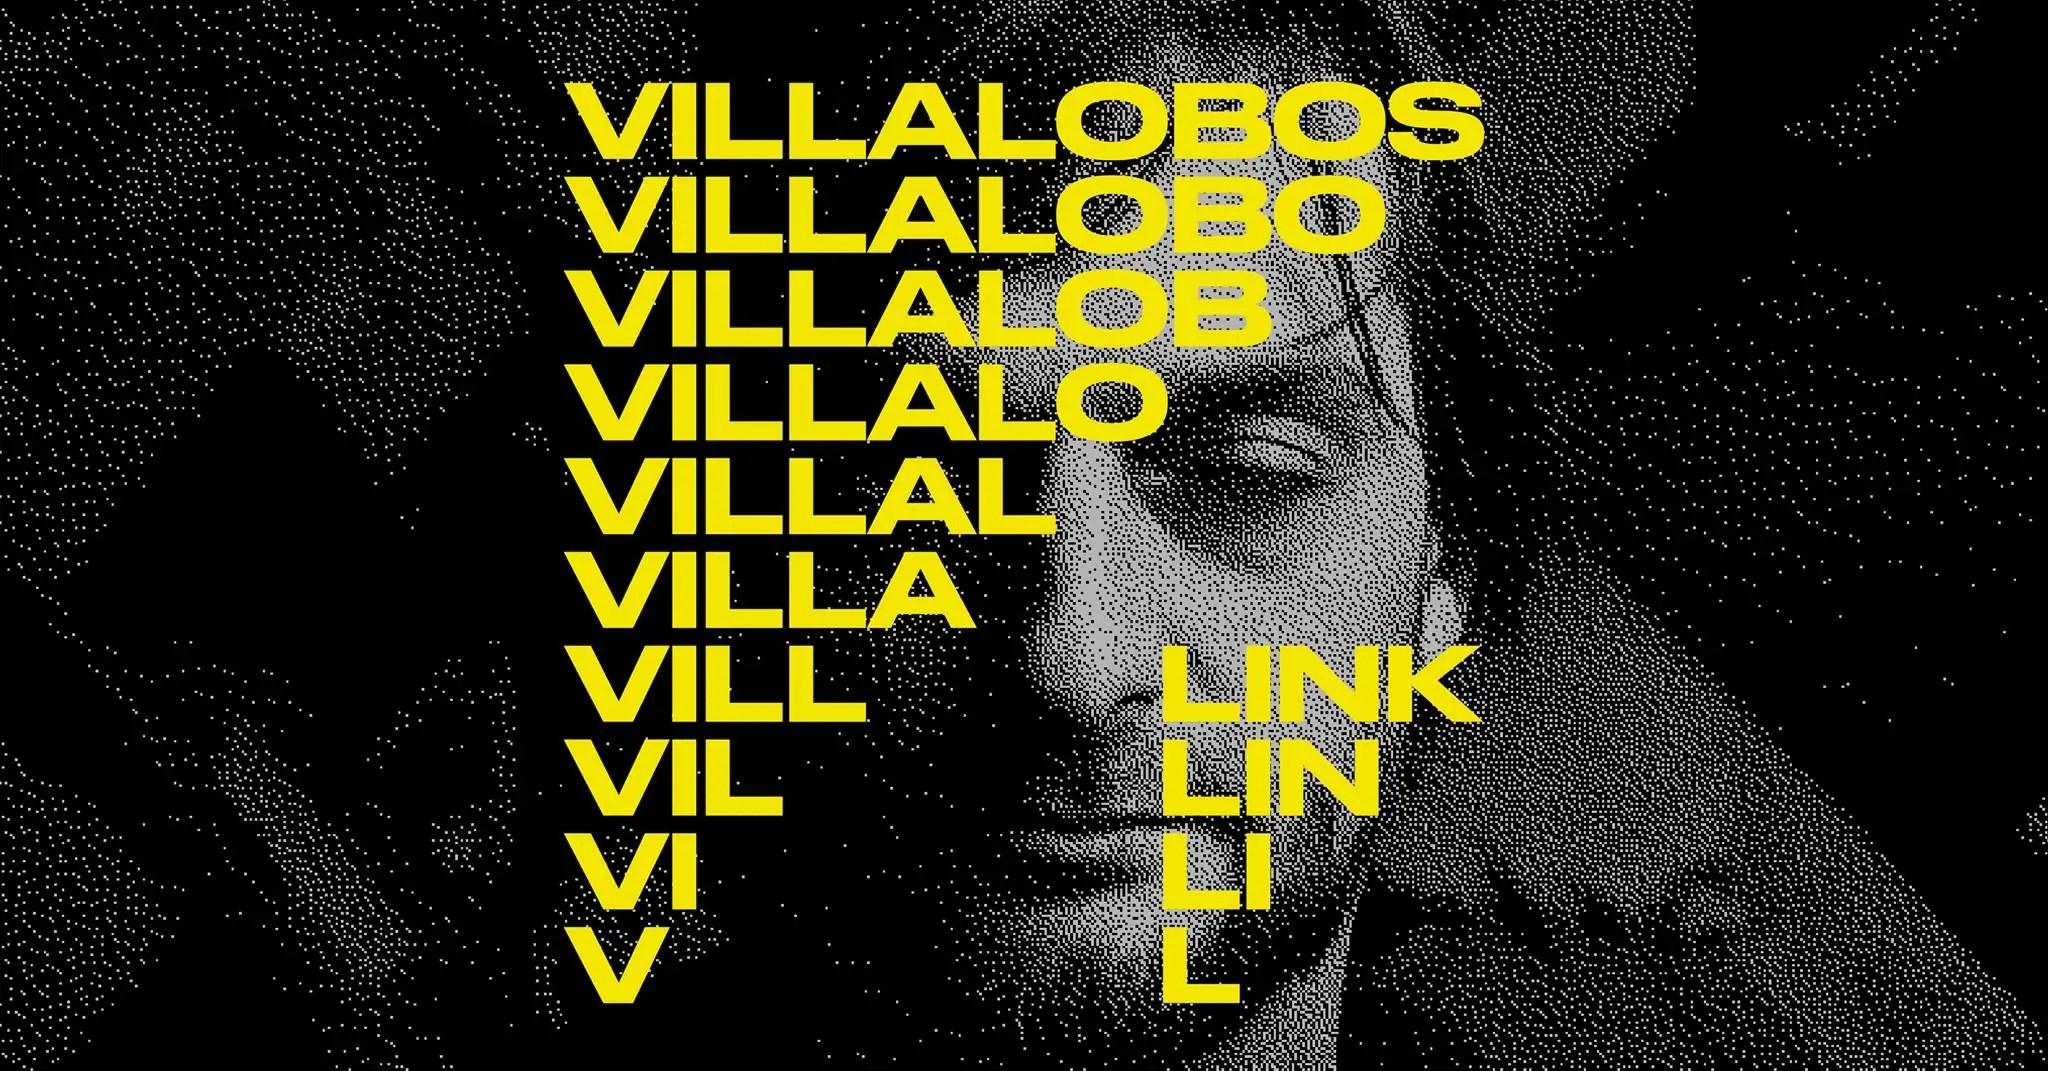 Ricardo Villalobos LINK Bologna Venerdì 10 Maggio 2019 | Ticket in Prevendita – Tavoli – Pacchetti Hotel